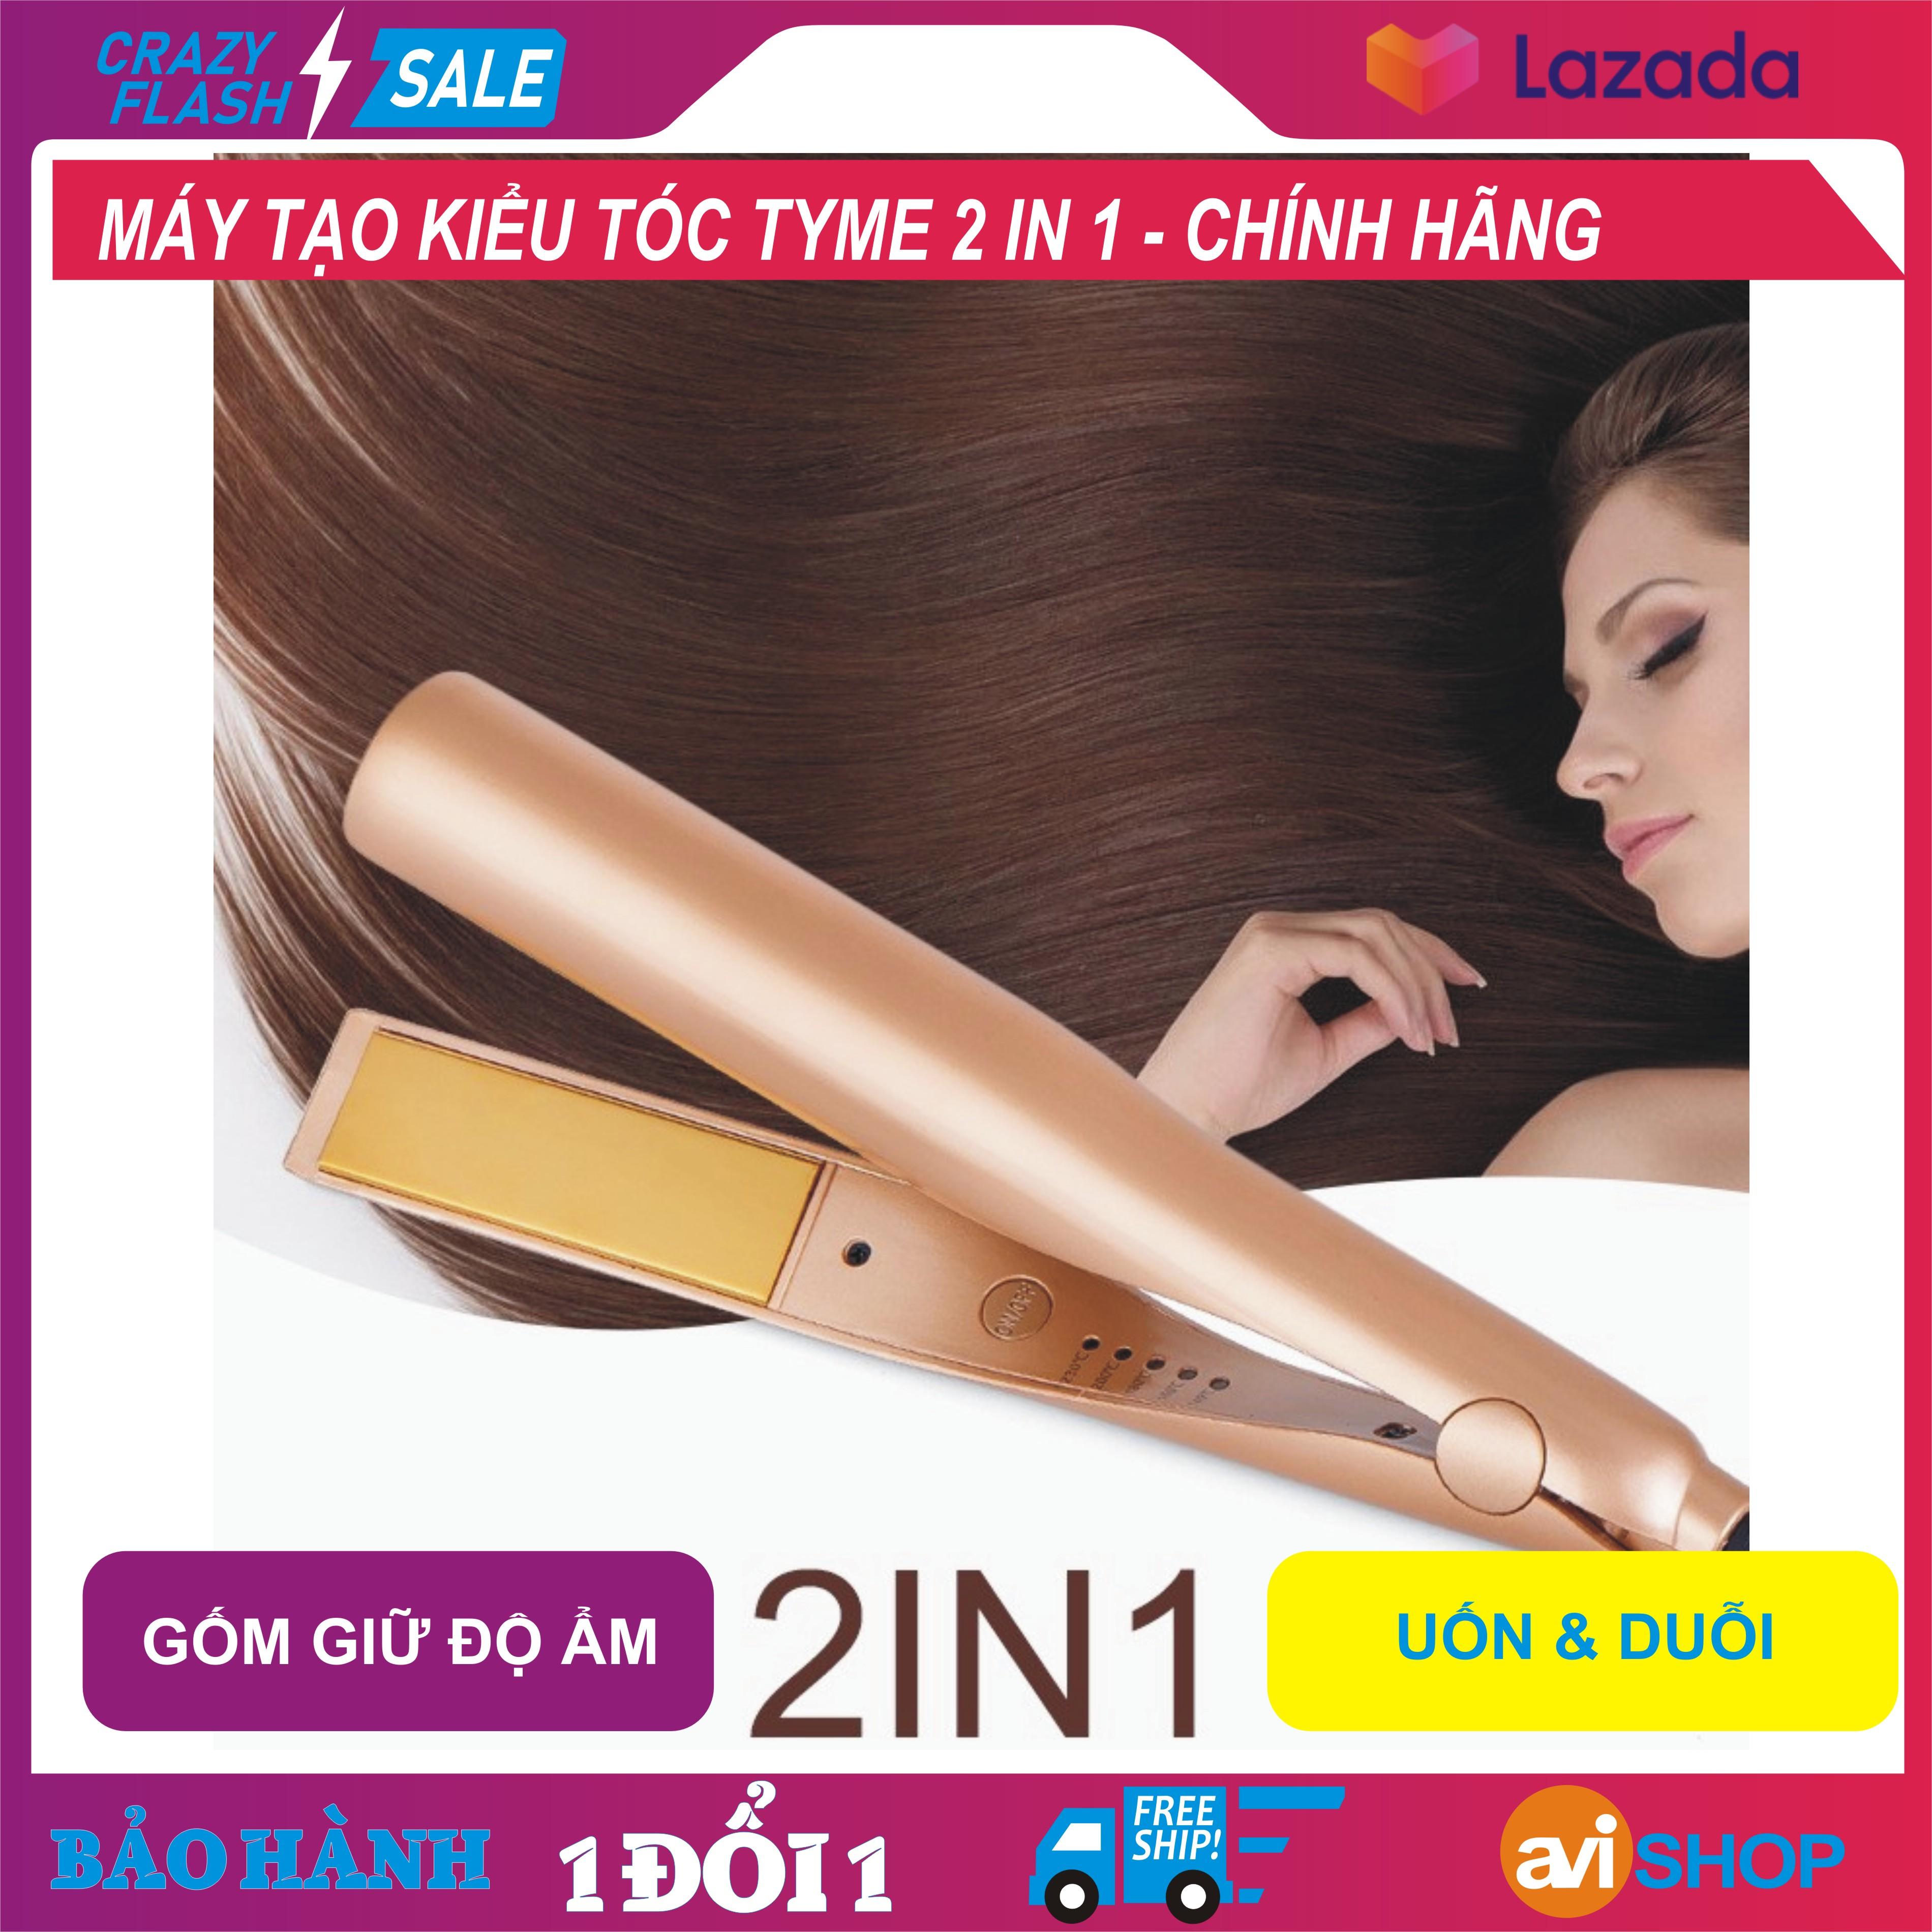 Máy tạo kiểu tóc TYME, Chất liệu làm nóng bằng gốm sứ Tourmaline nóng nhanh giảm thương tốn cho tóc, thiết kế soắn tạo kiệu dễ dàng, 5 chế độ nhiệt tự chỉnh - giá SHOCK hôm nay - aviSHOP cao cấp